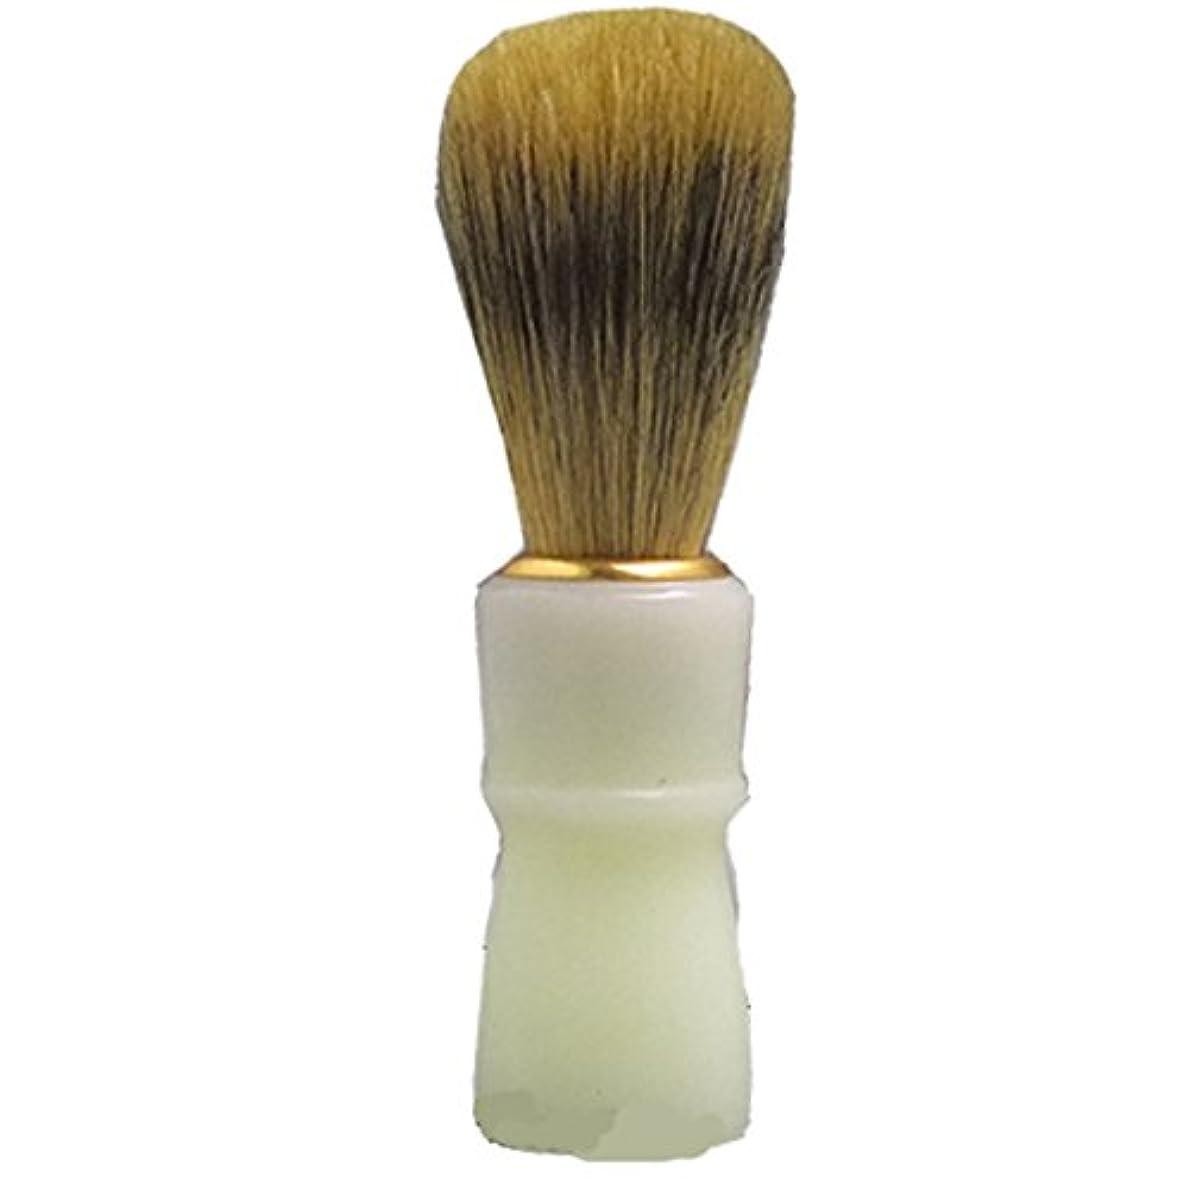 階層コンペコーデリアT-150 ひげブラシ 心地よいヒゲ剃り?お顔剃りが自宅でも! (シェービングブラシ) 大阪ブラシ